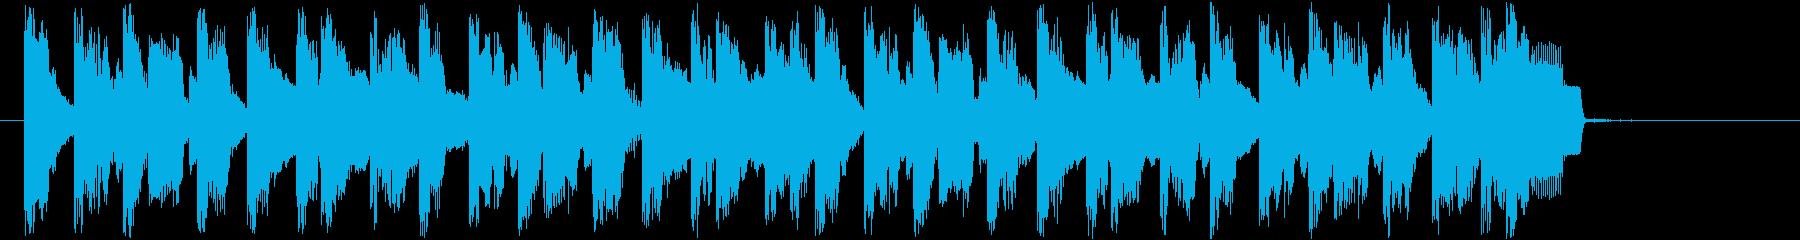 ピコピコ音の10秒ほどの短い曲です。の再生済みの波形